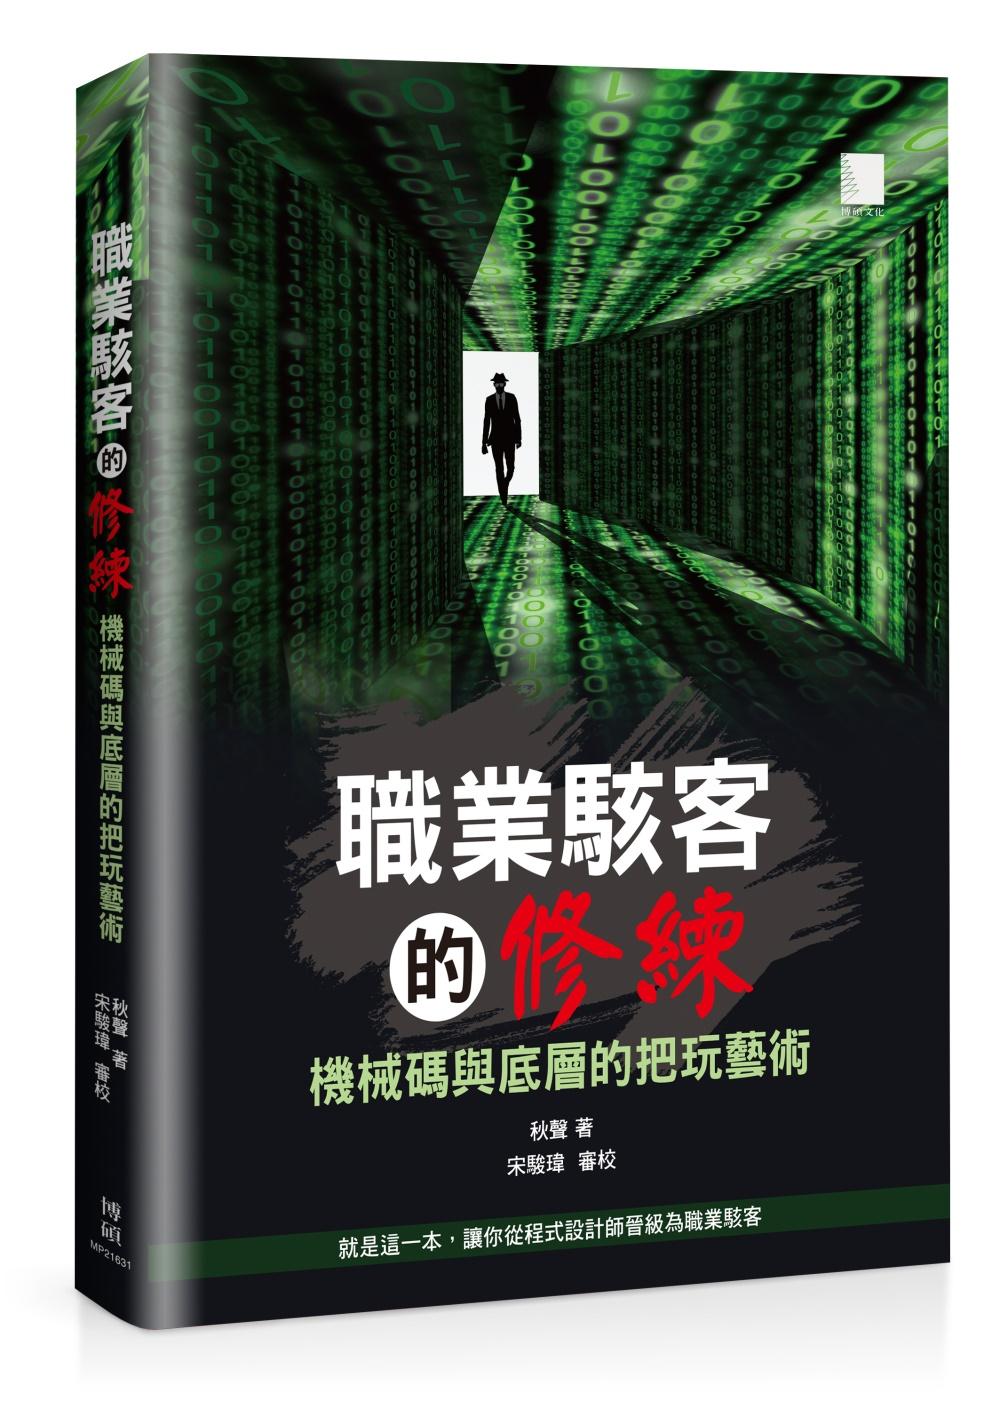 職業駭客的修練:機械碼與底層的把玩藝術